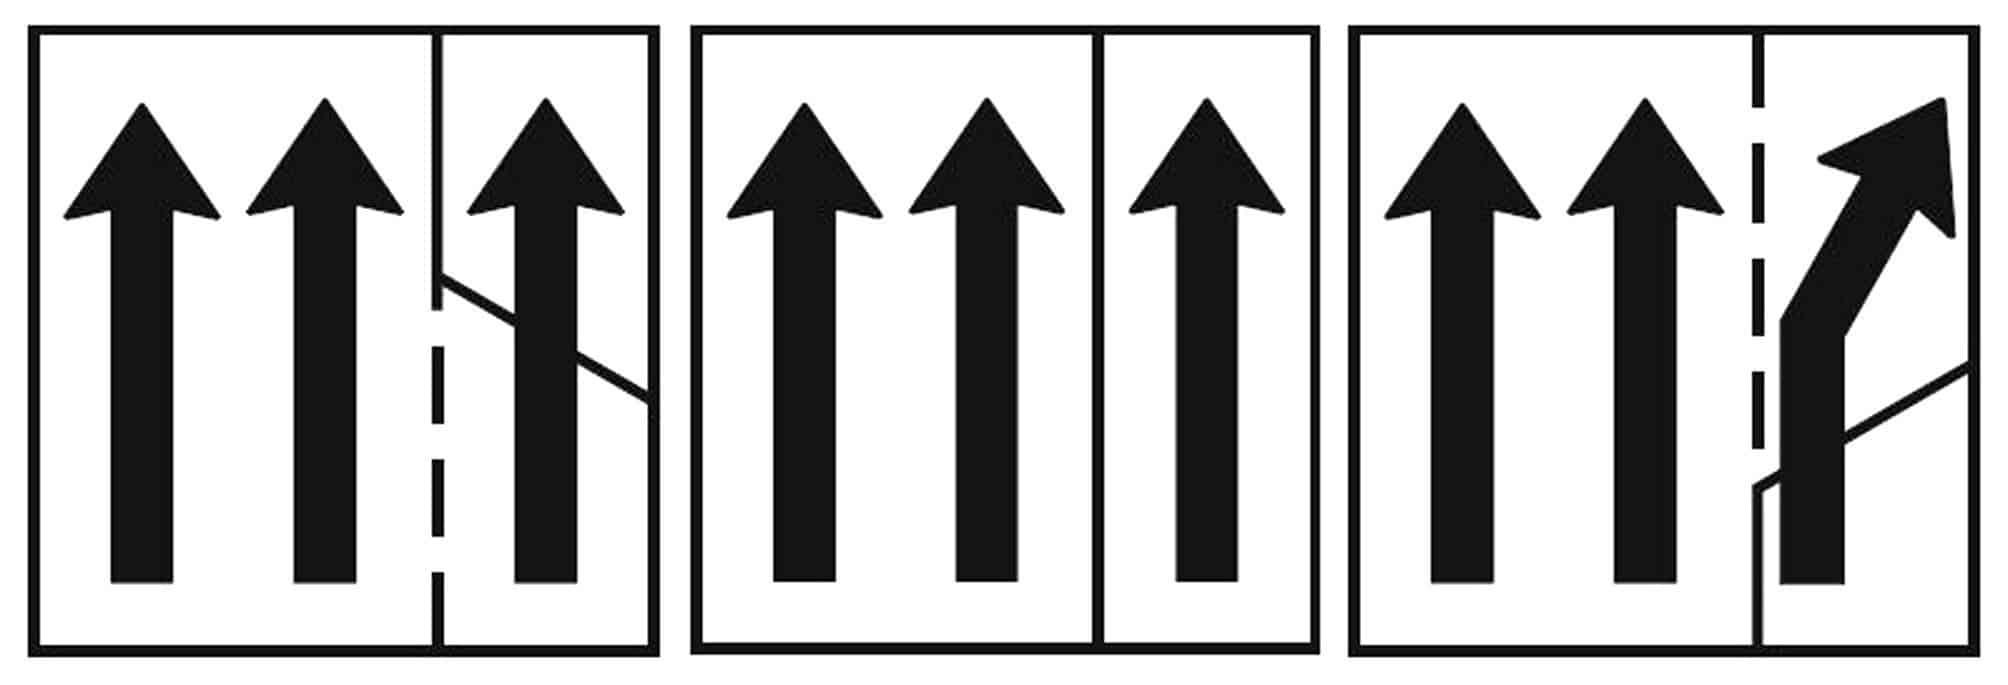 Il segnale di uso corsie (Fig. 4.77.2) utilizzato per la gestione della corsia di emergenza